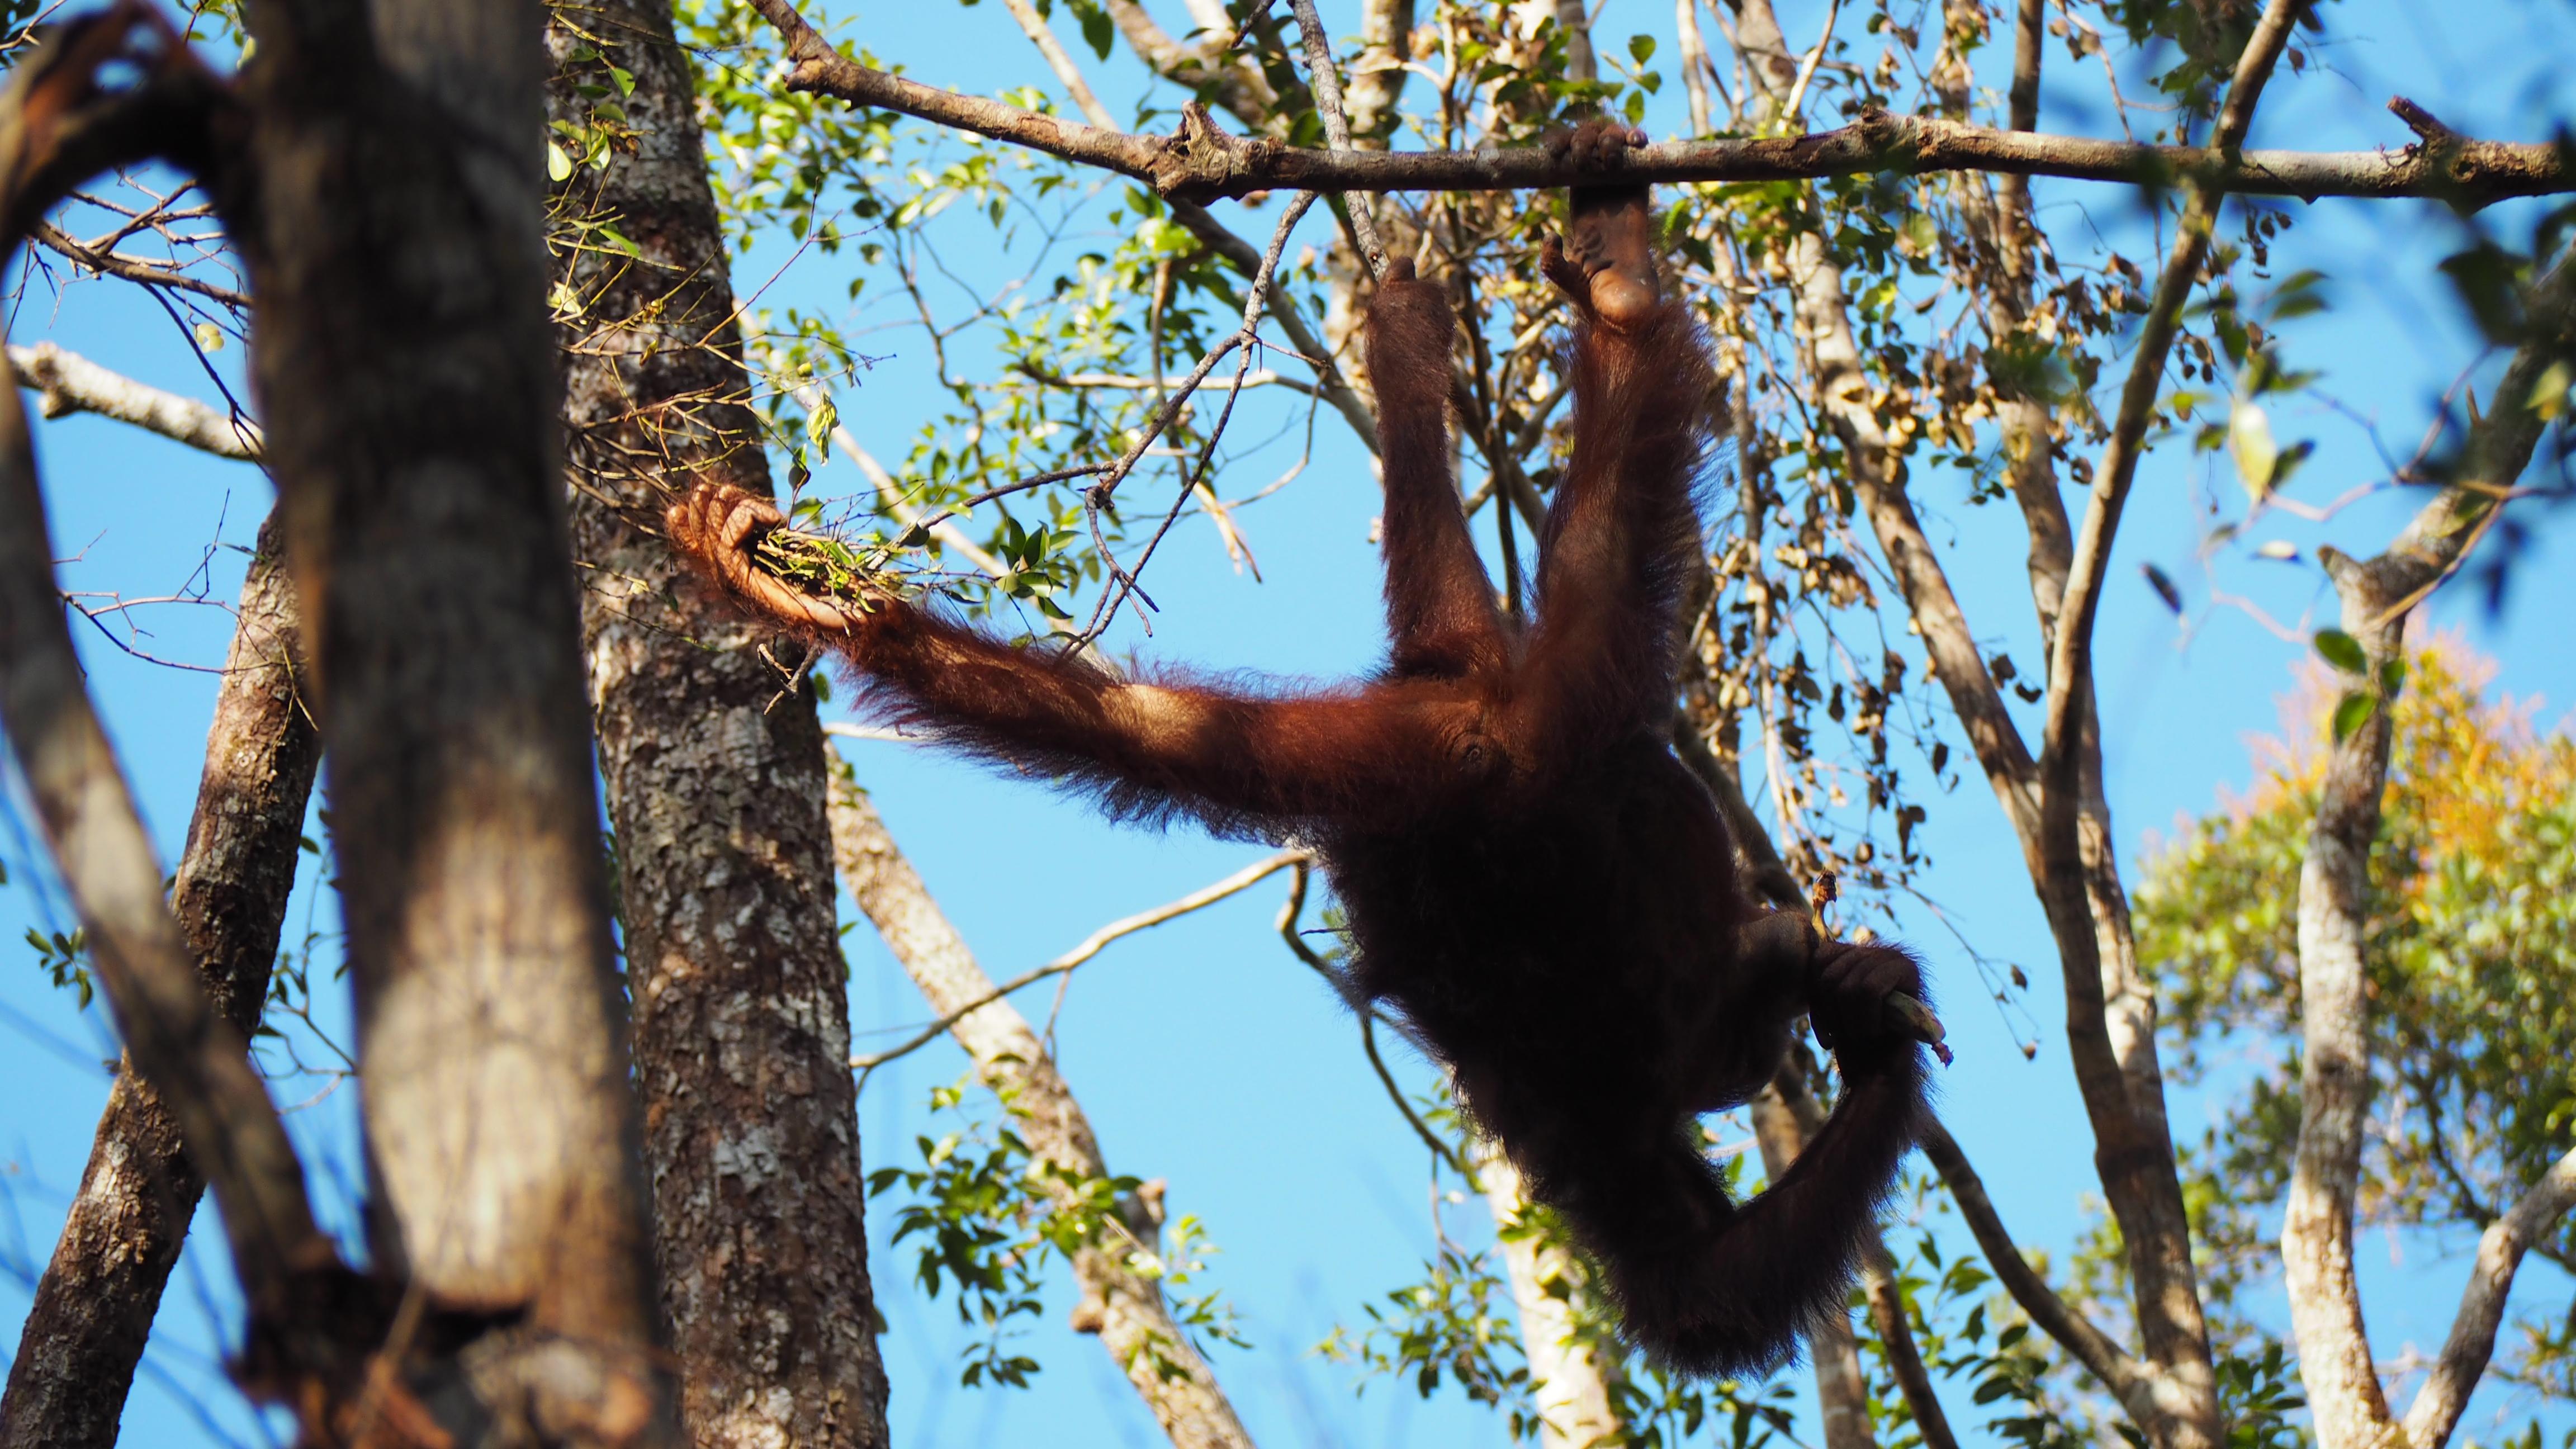 Tanjung Puting National Park Orang Utan